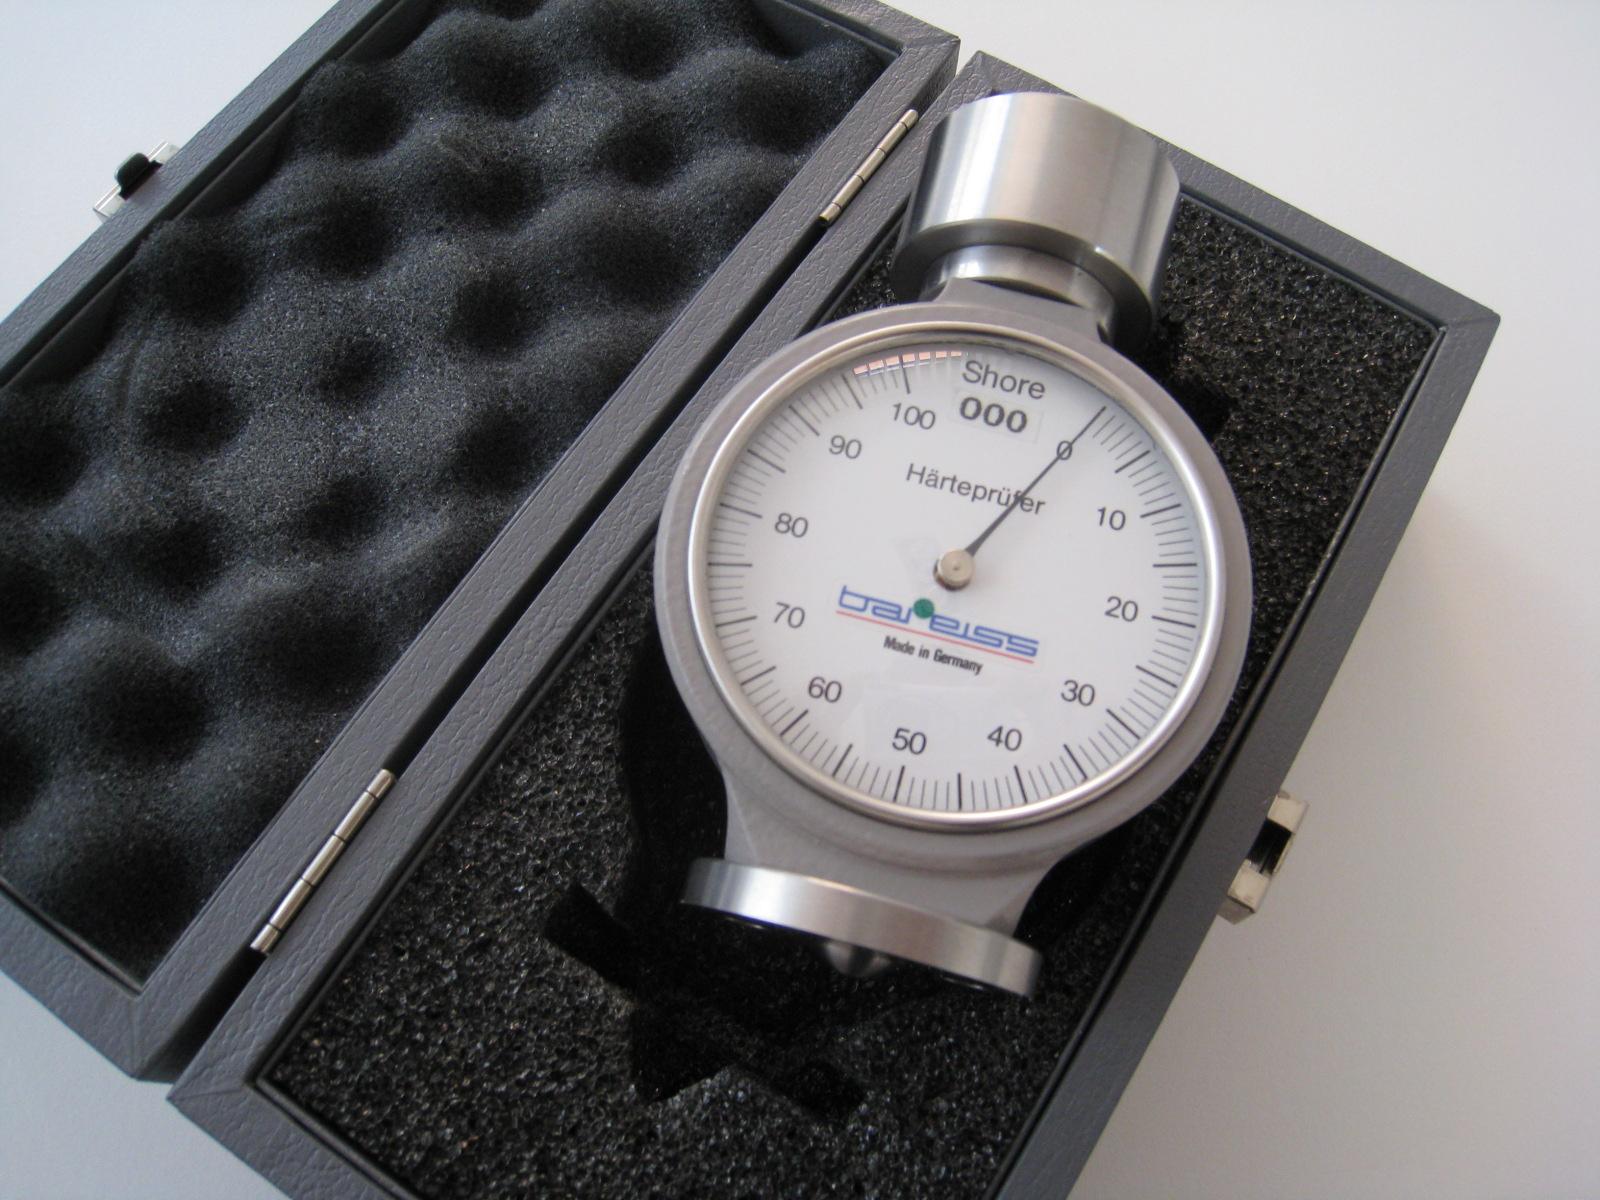 Đồng hồ đo độ cứng Shore 000S cho cao su bọt, xốp, silicone...